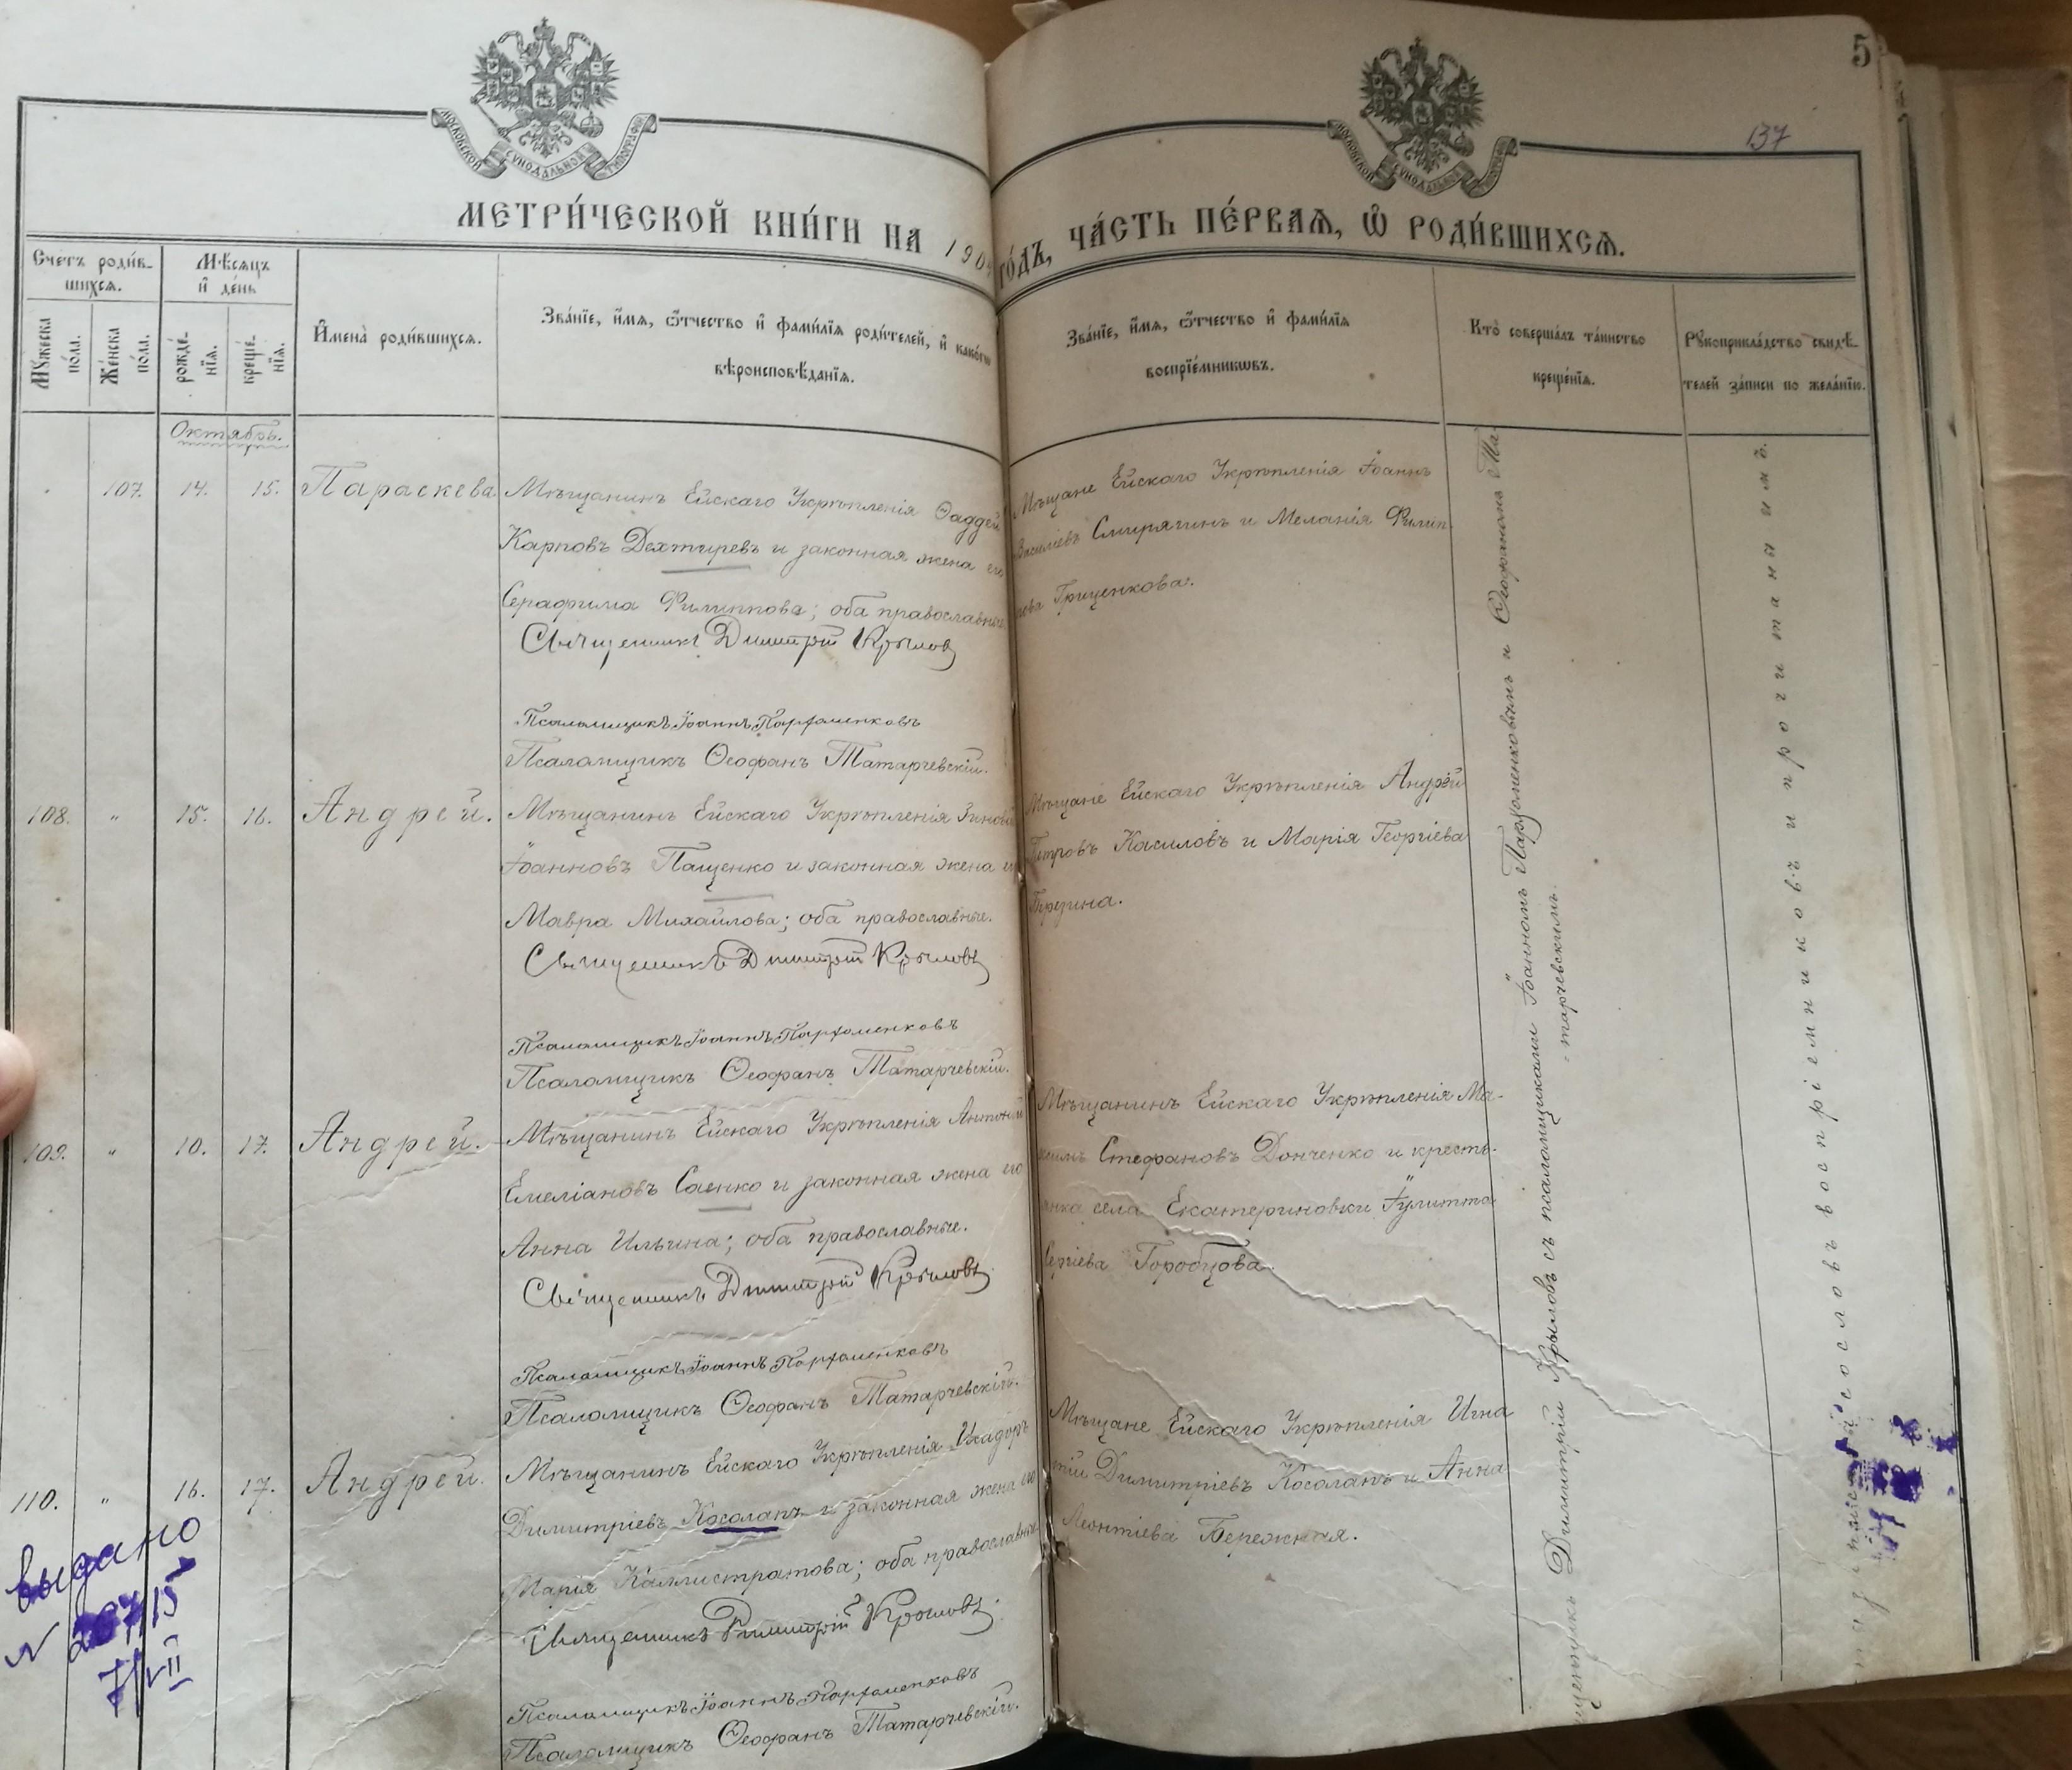 Метрическая книга часть 1 о родившихся за 1904 год по селу Ейское укрепление